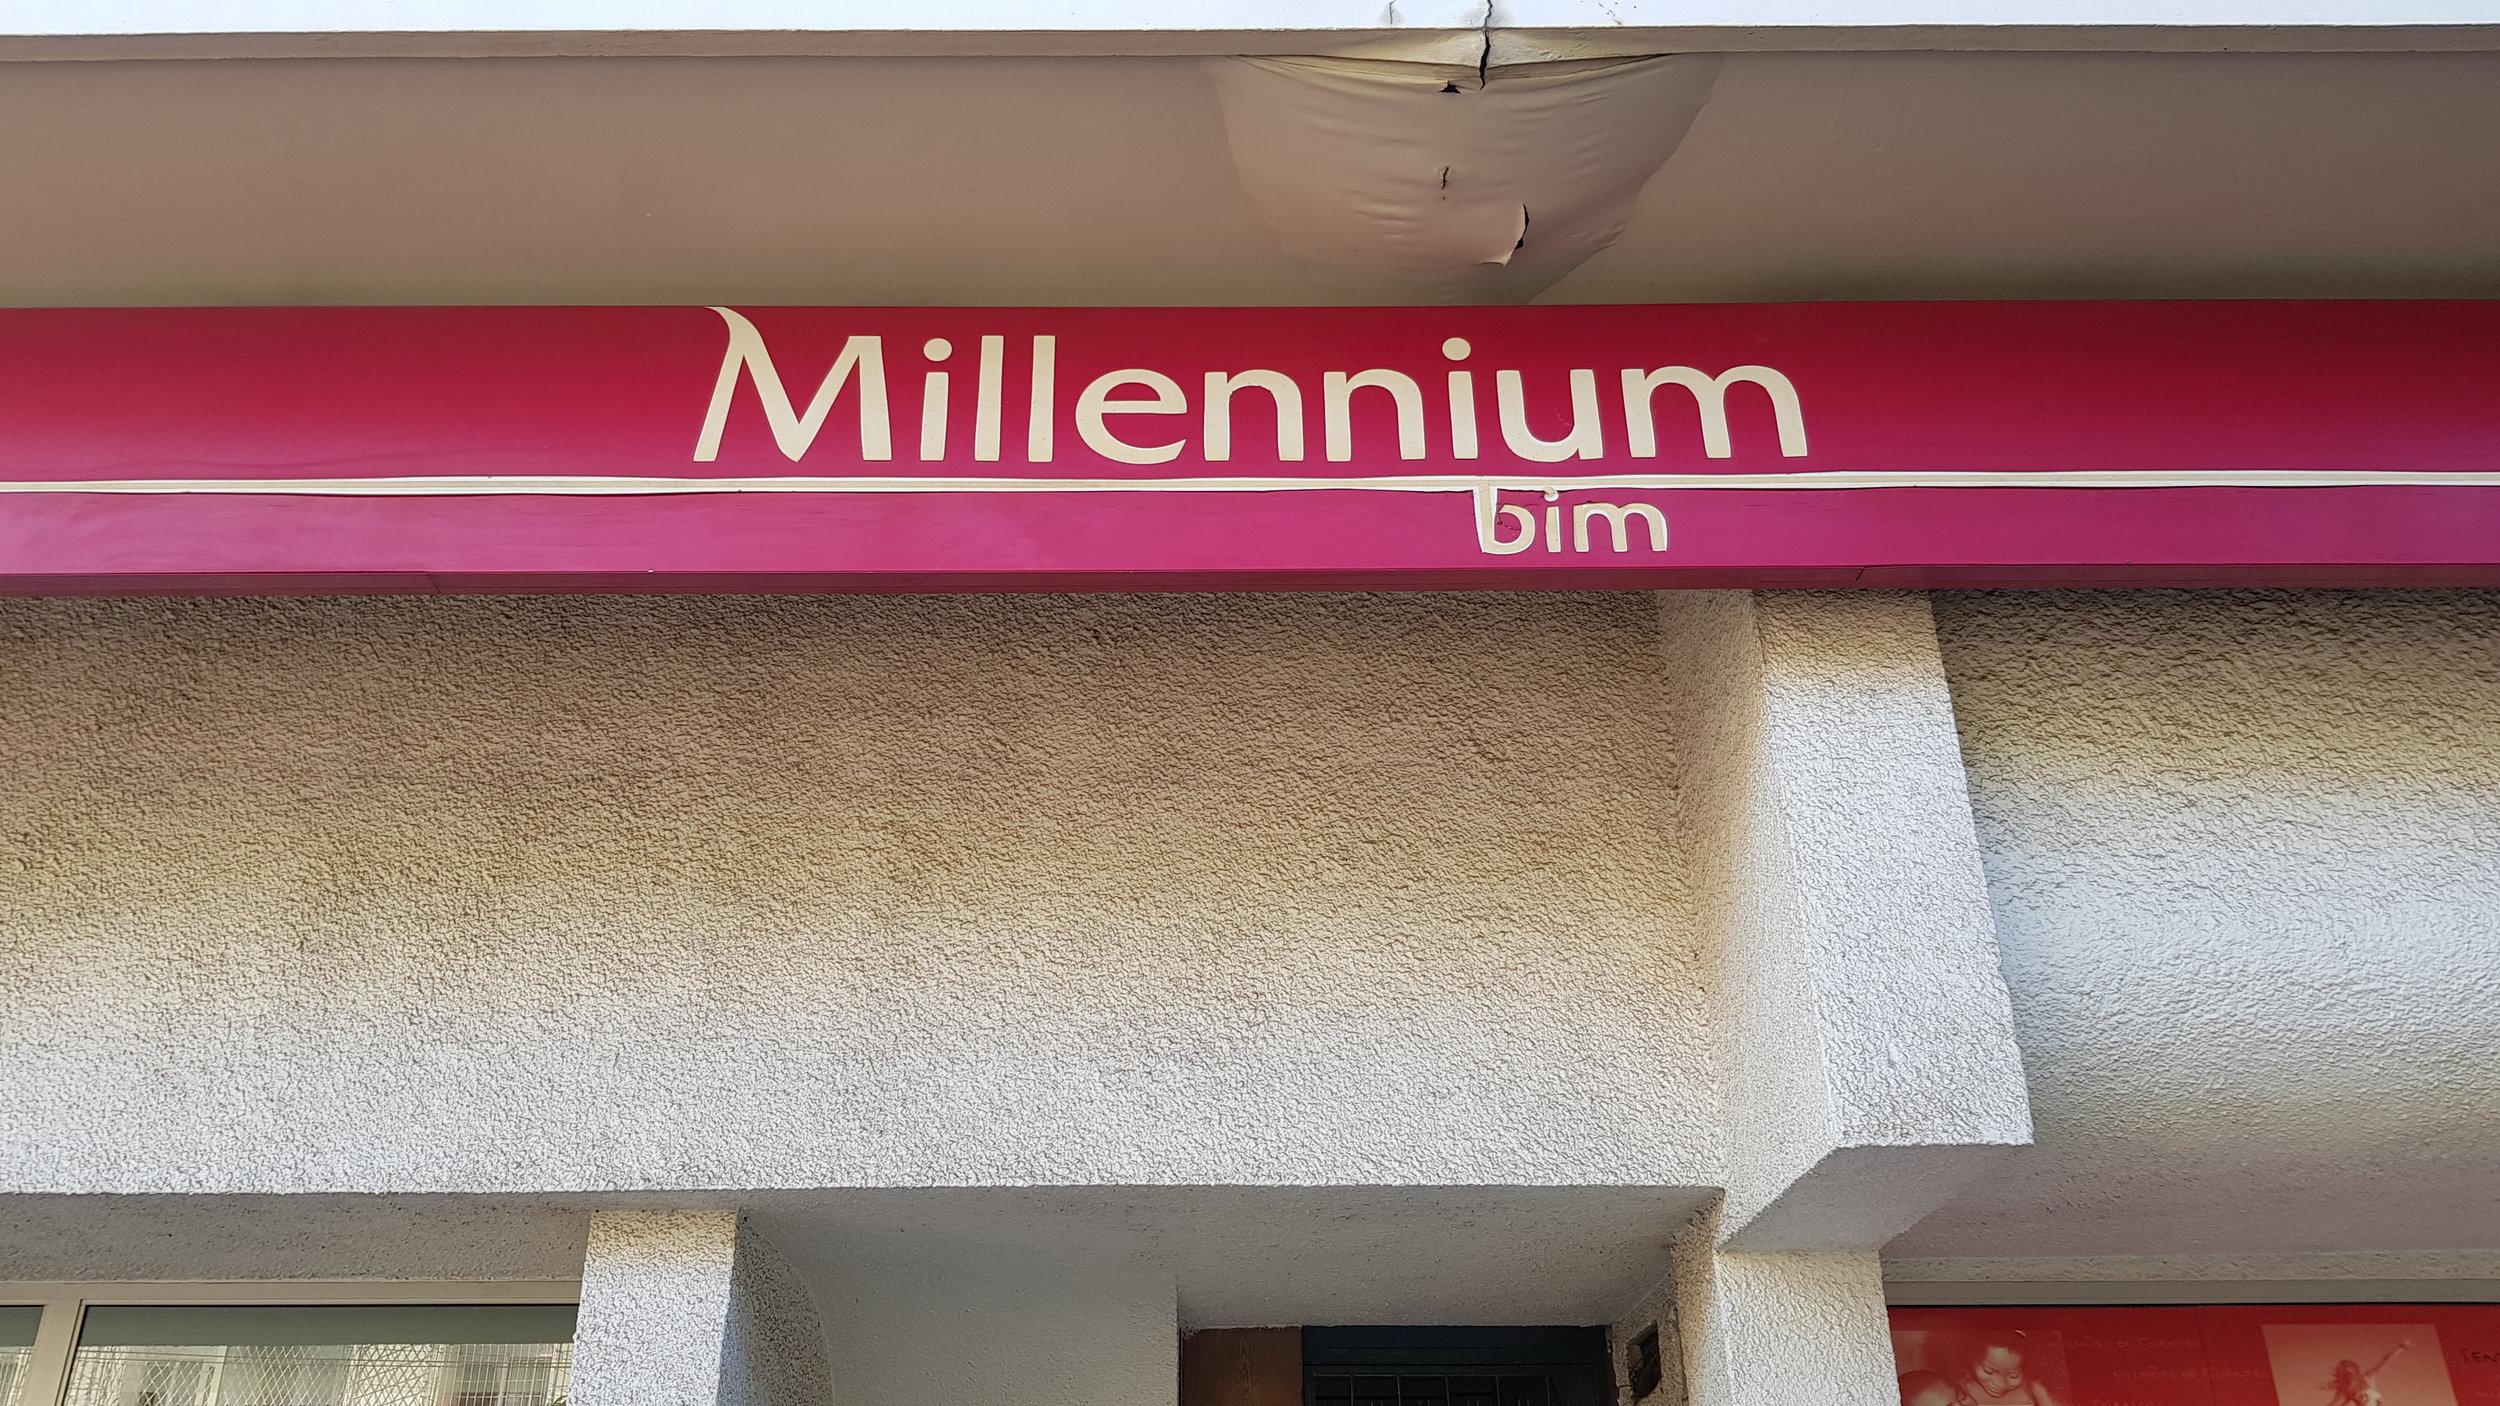 Fachada do Millenium, um dos principais bancos de Moçambique